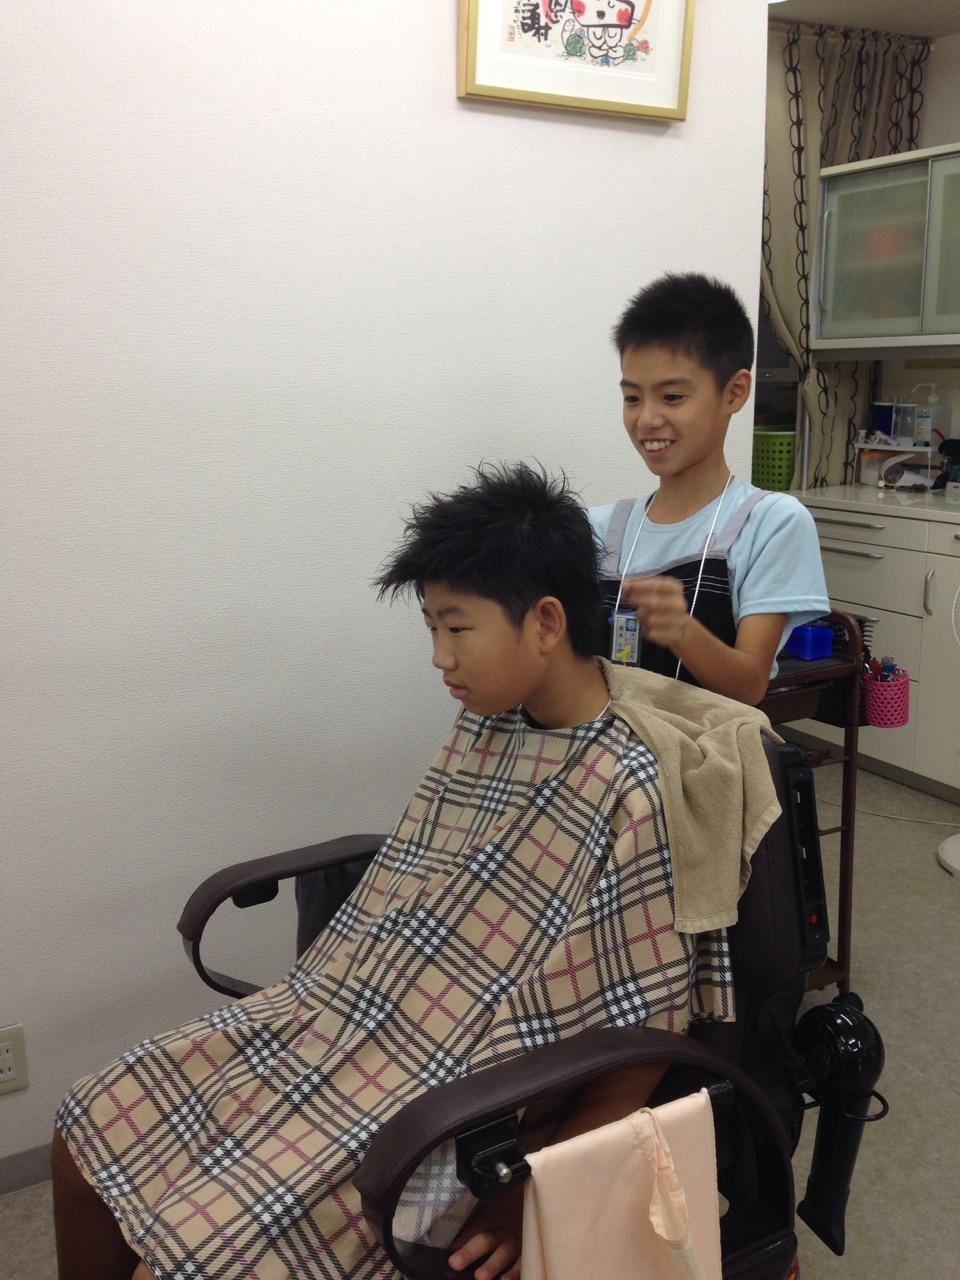 【職場体験中!】生まれて初めて髪の毛を切るんだ~緊張しちゃうな~